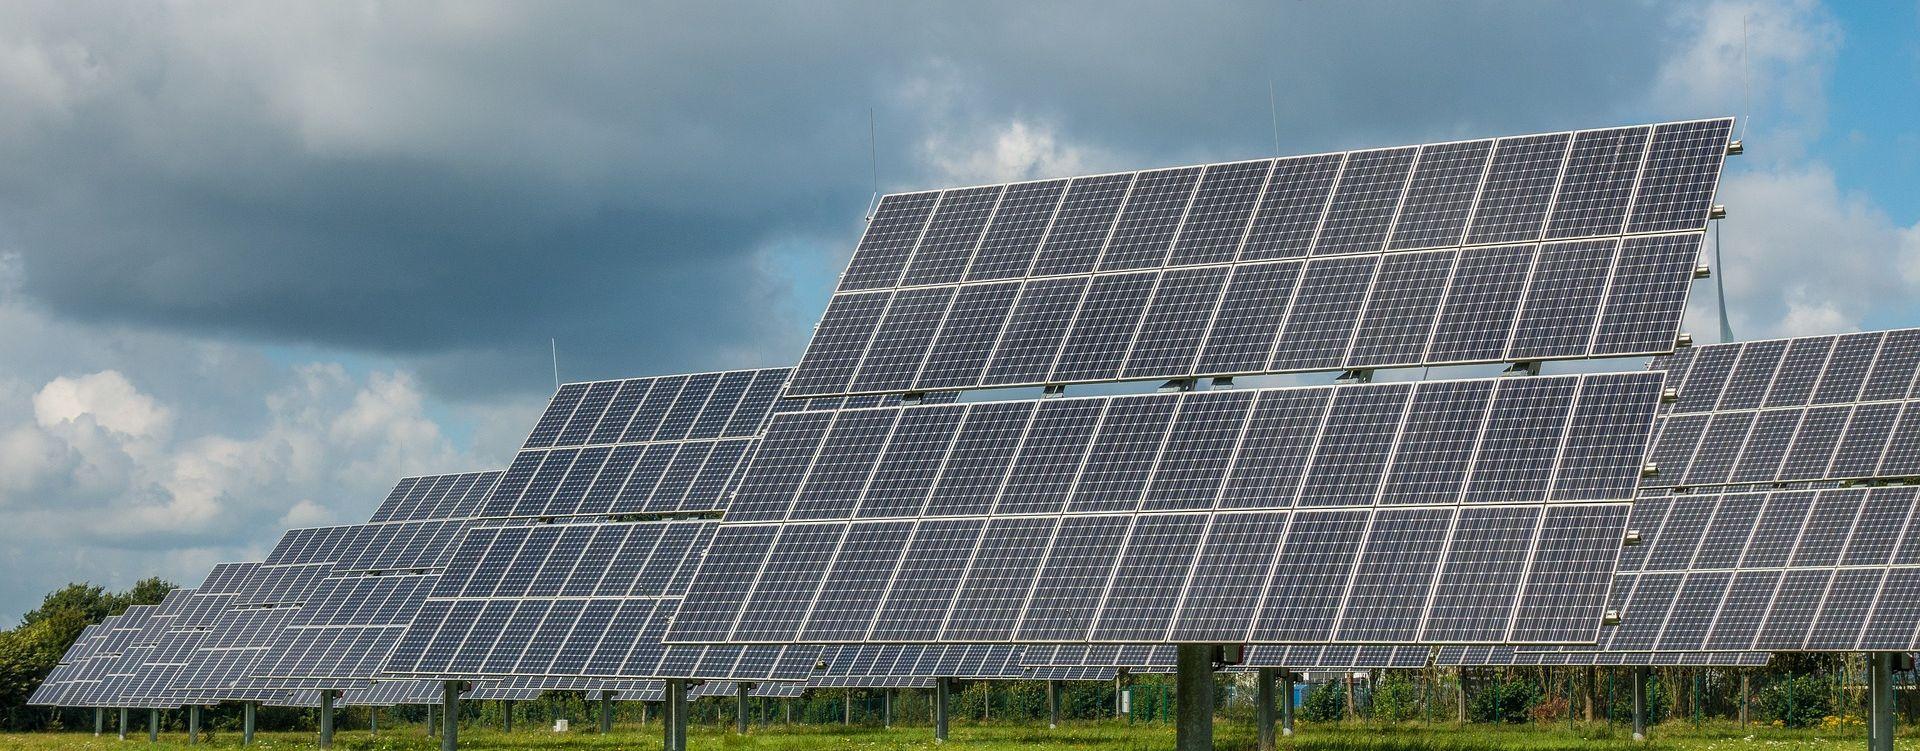 AleaSoft: deconstruyendo los 1,20 ?/MWh de la subasta solar de Portugal